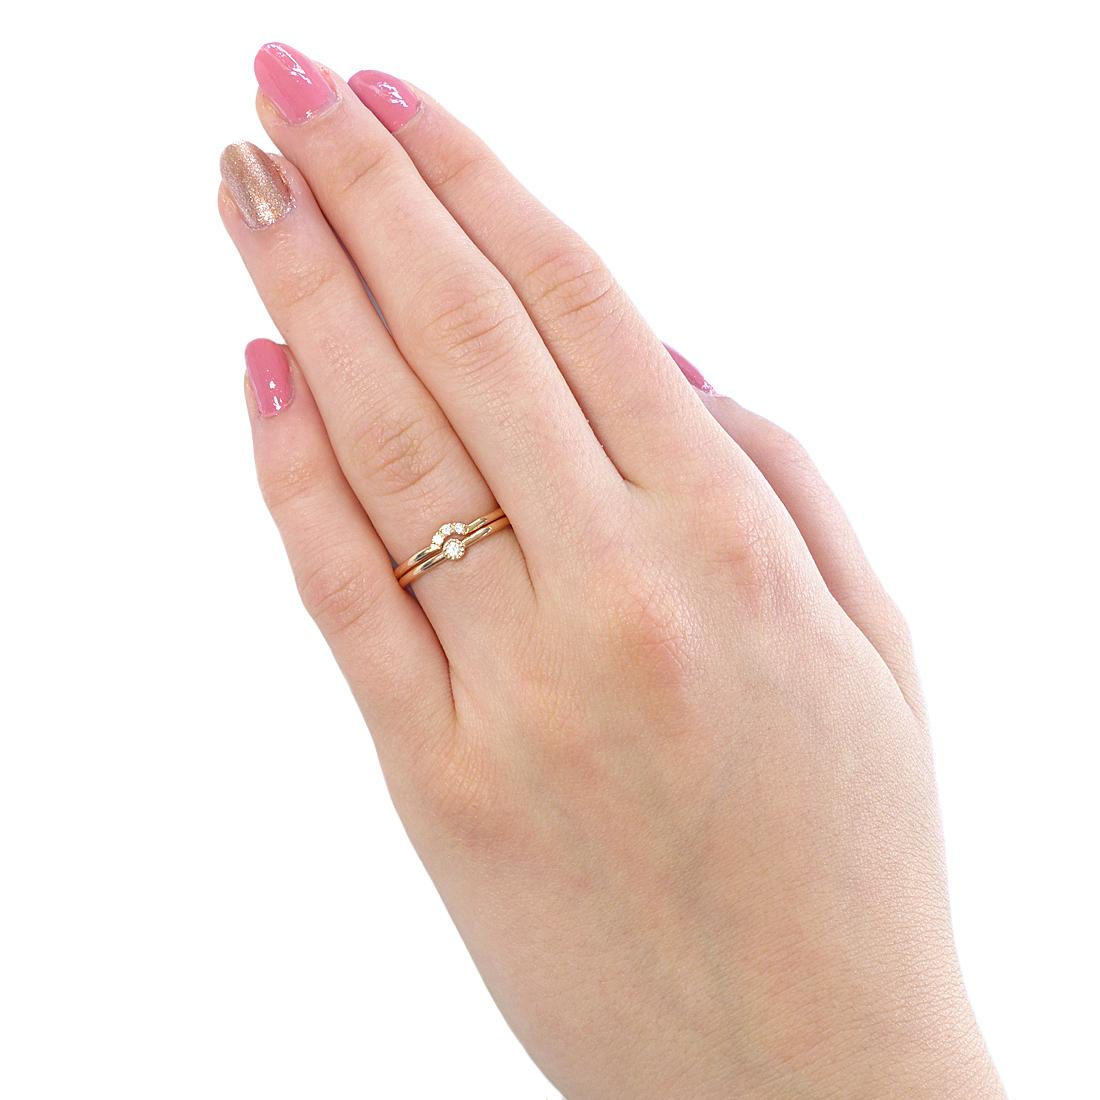 18ct Rose Gold Diamond Stacking Ring Set Minimalist Ring Sets